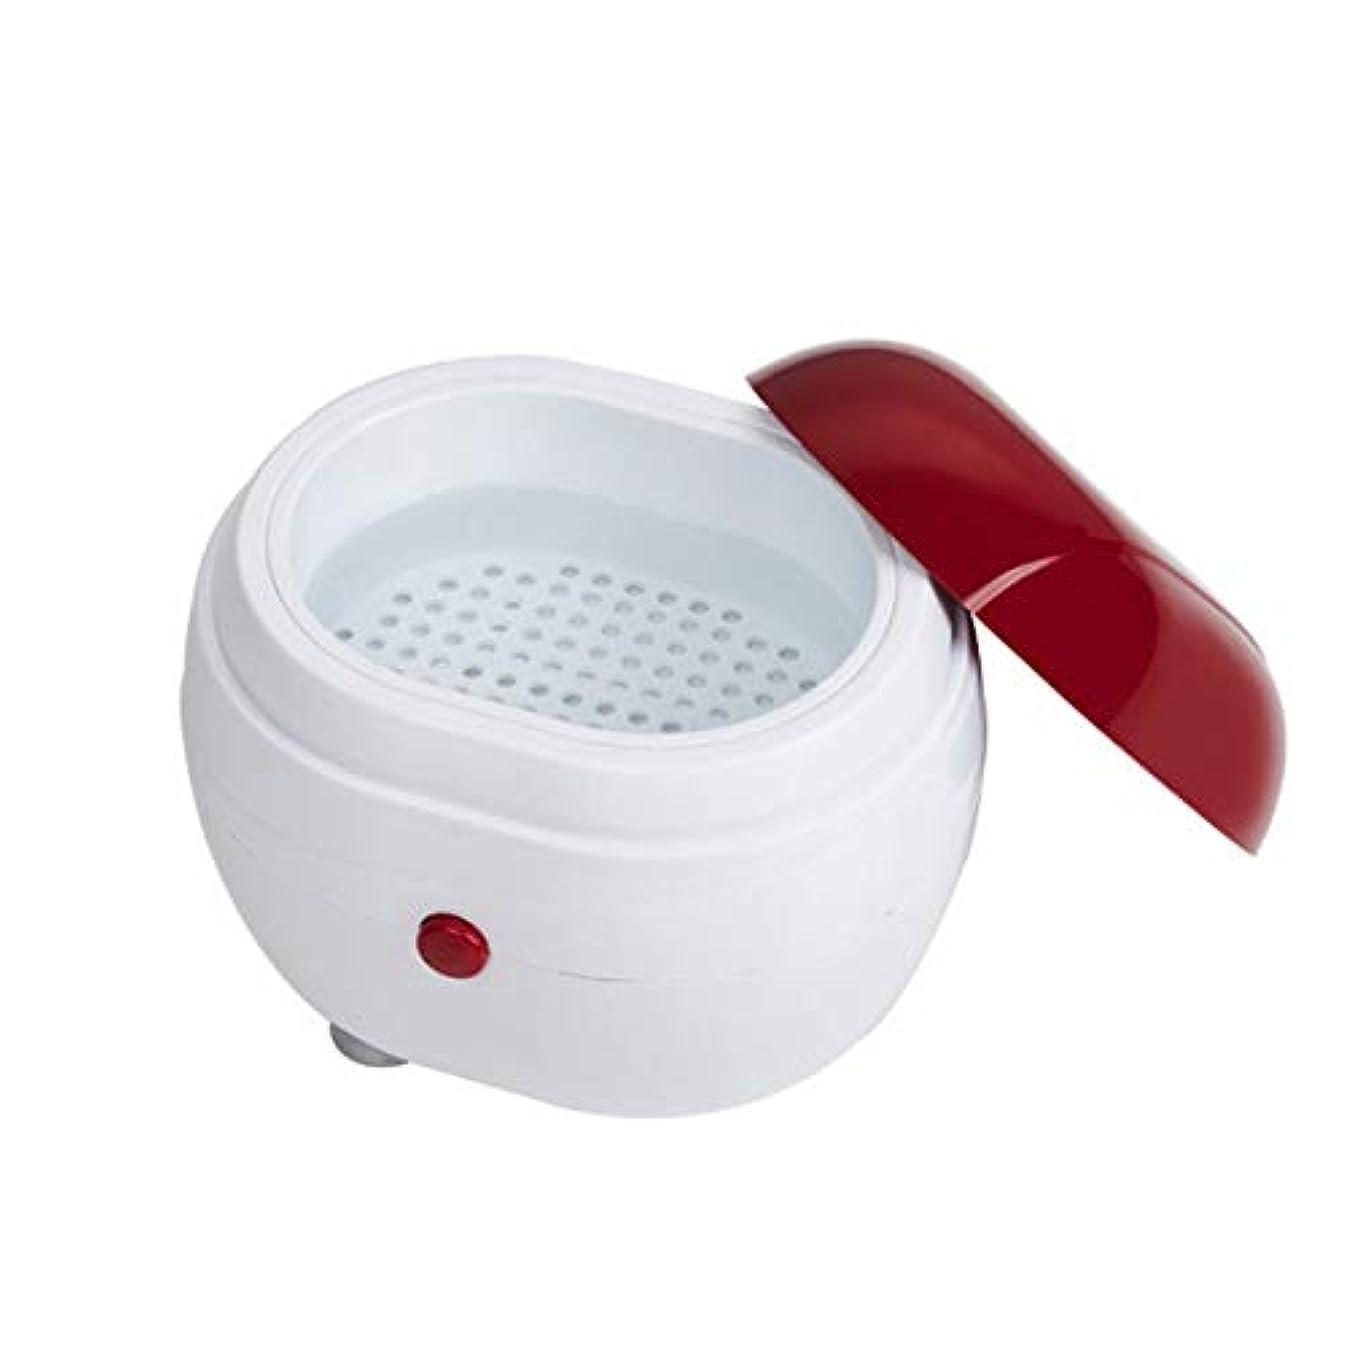 熱意理由その結果MolySun 歯用ツール 歯清潔 ポータブル超音波洗浄機家庭用ジュエリーレンズ時計入れ歯洗浄機洗濯機クリーナークリーニングボックス 赤と白